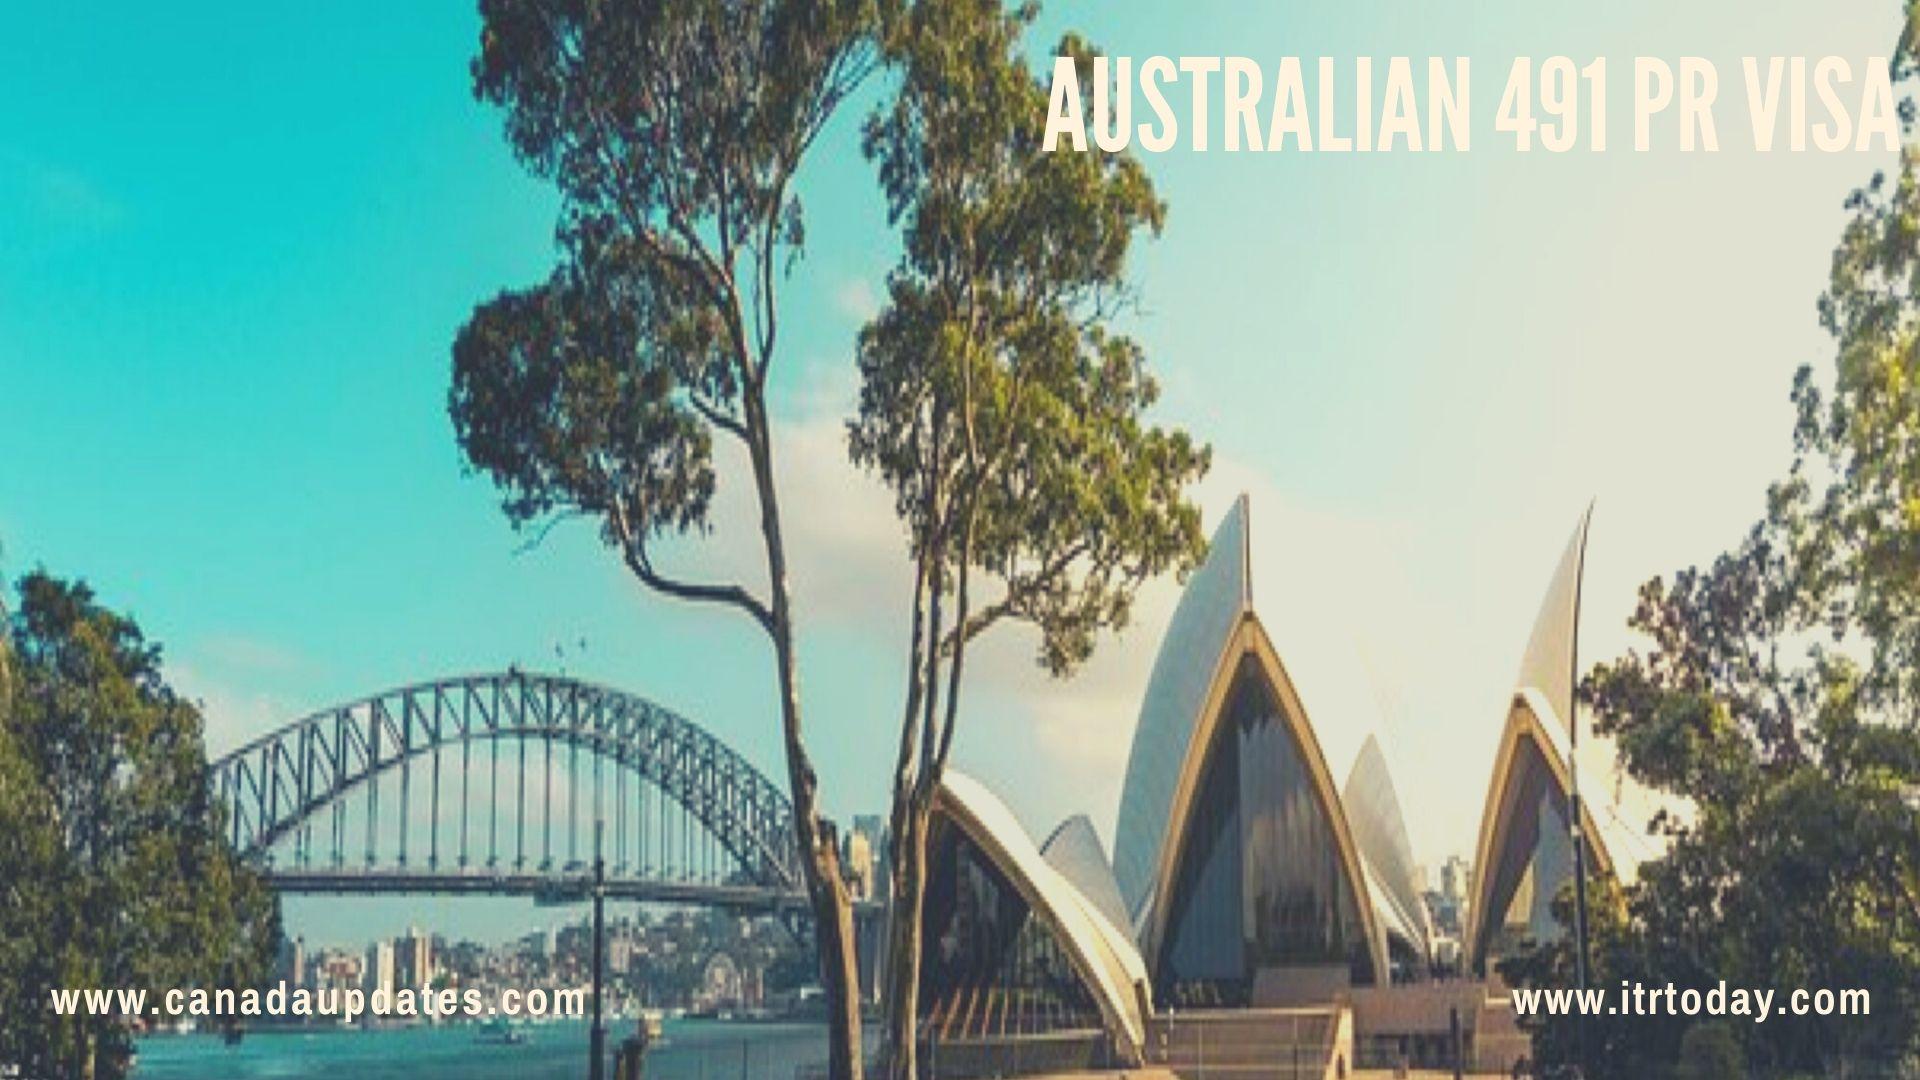 Australian 491 PR Visa 4